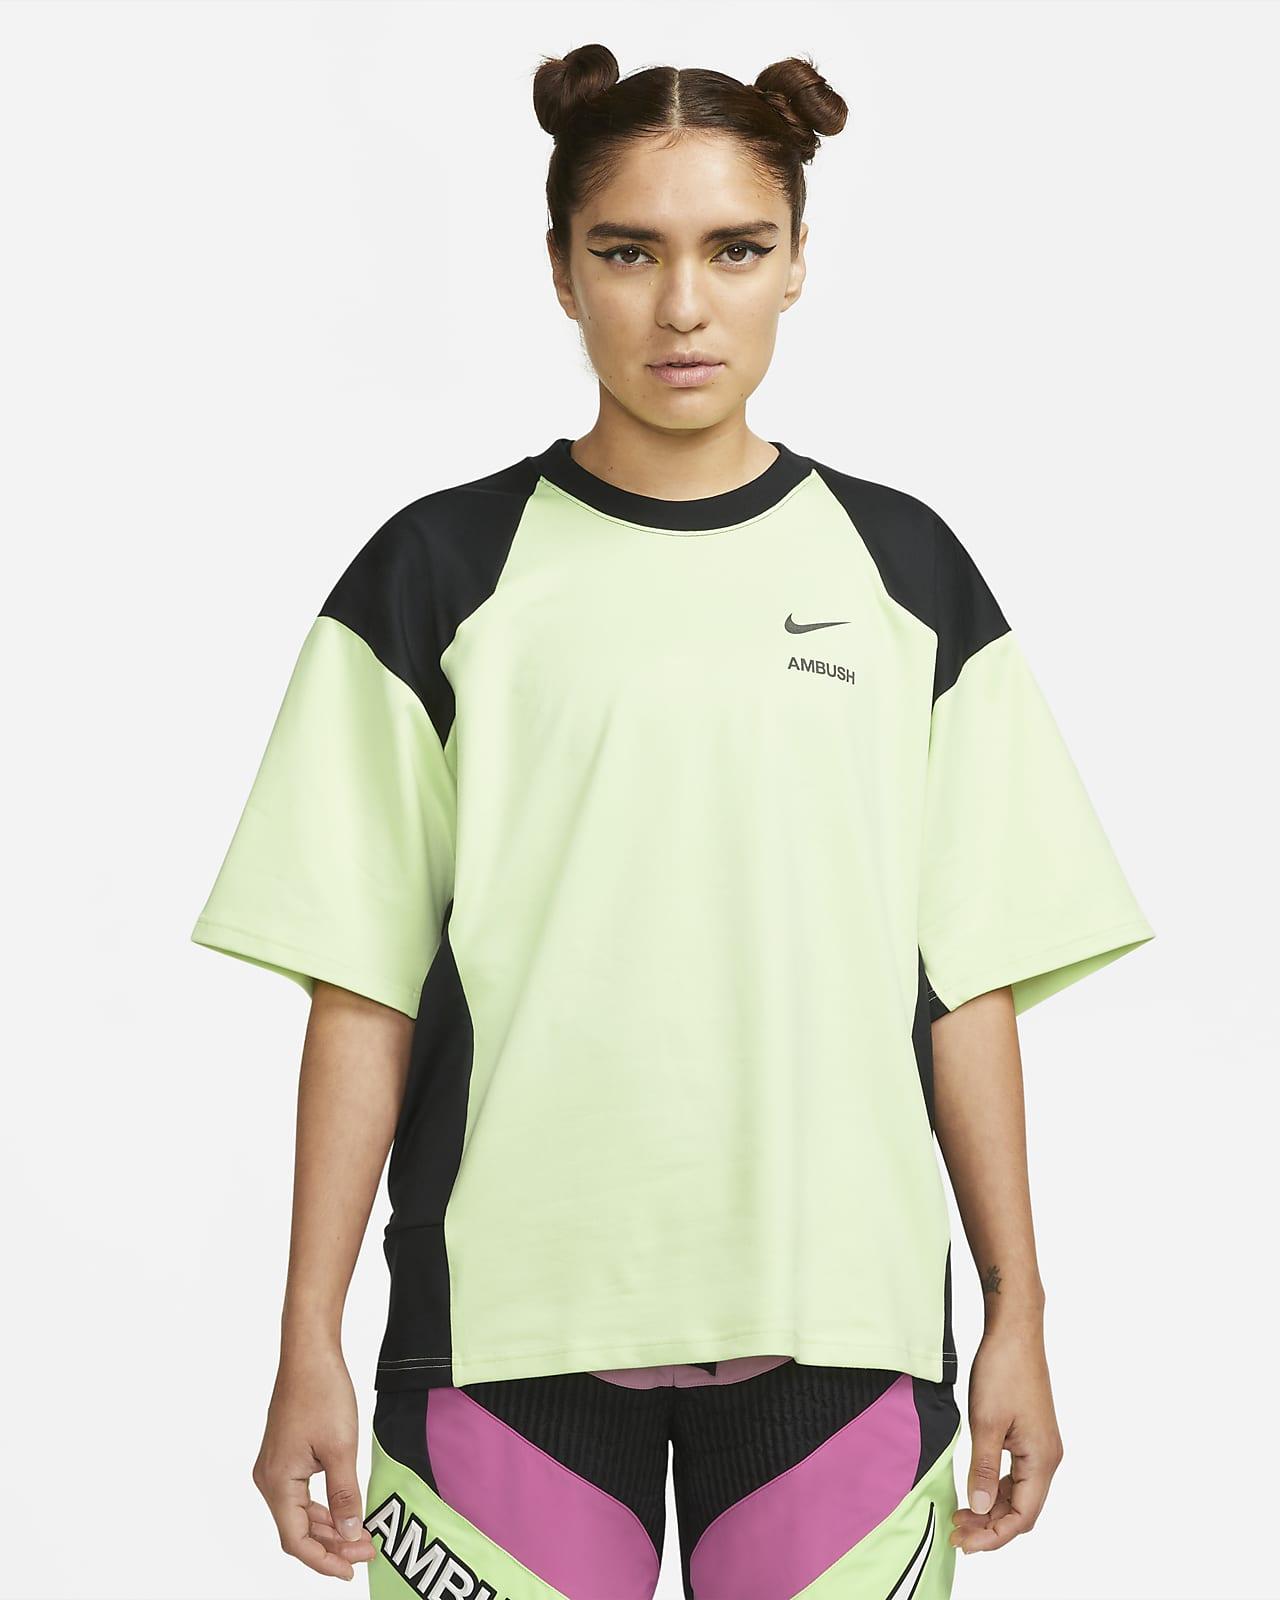 ナイキ x アンブッシュ ショートスリーブ Tシャツ